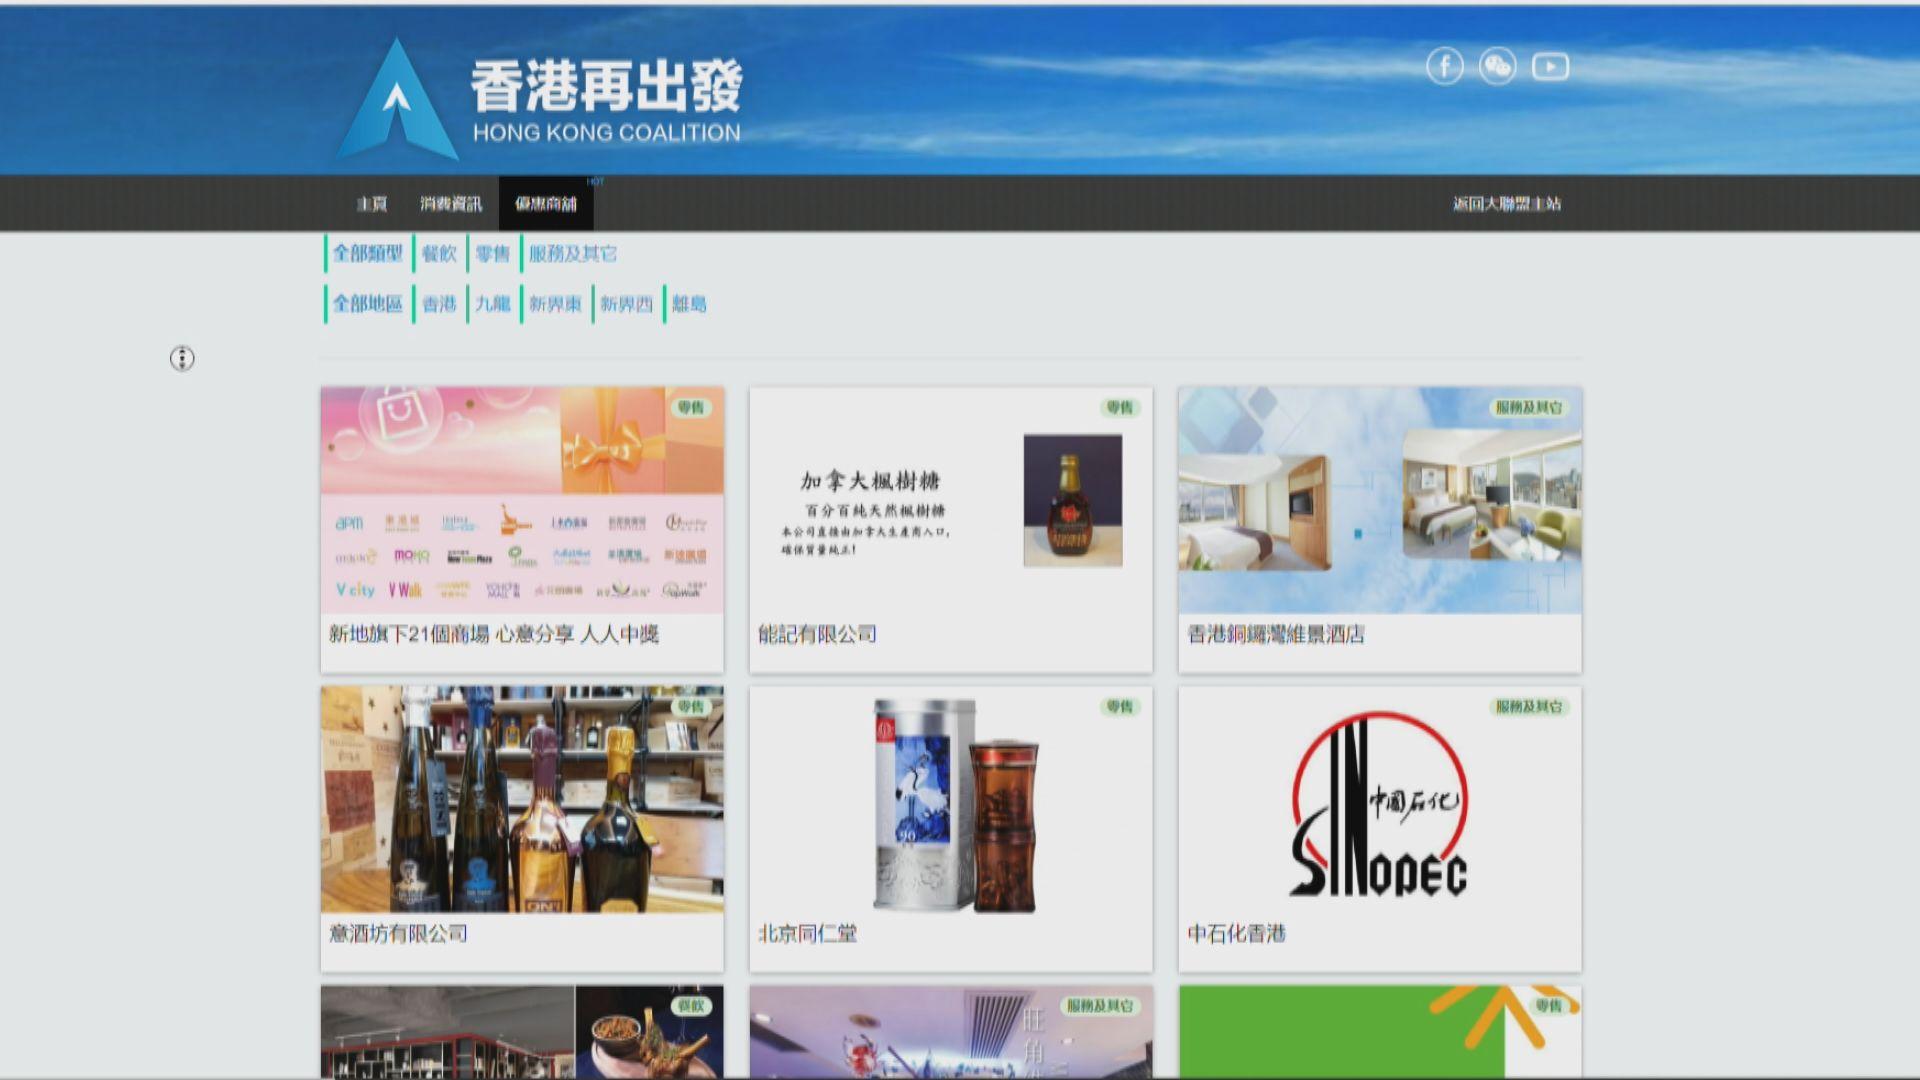 香港再出發大聯盟發起消費優惠計劃 籲市民支持